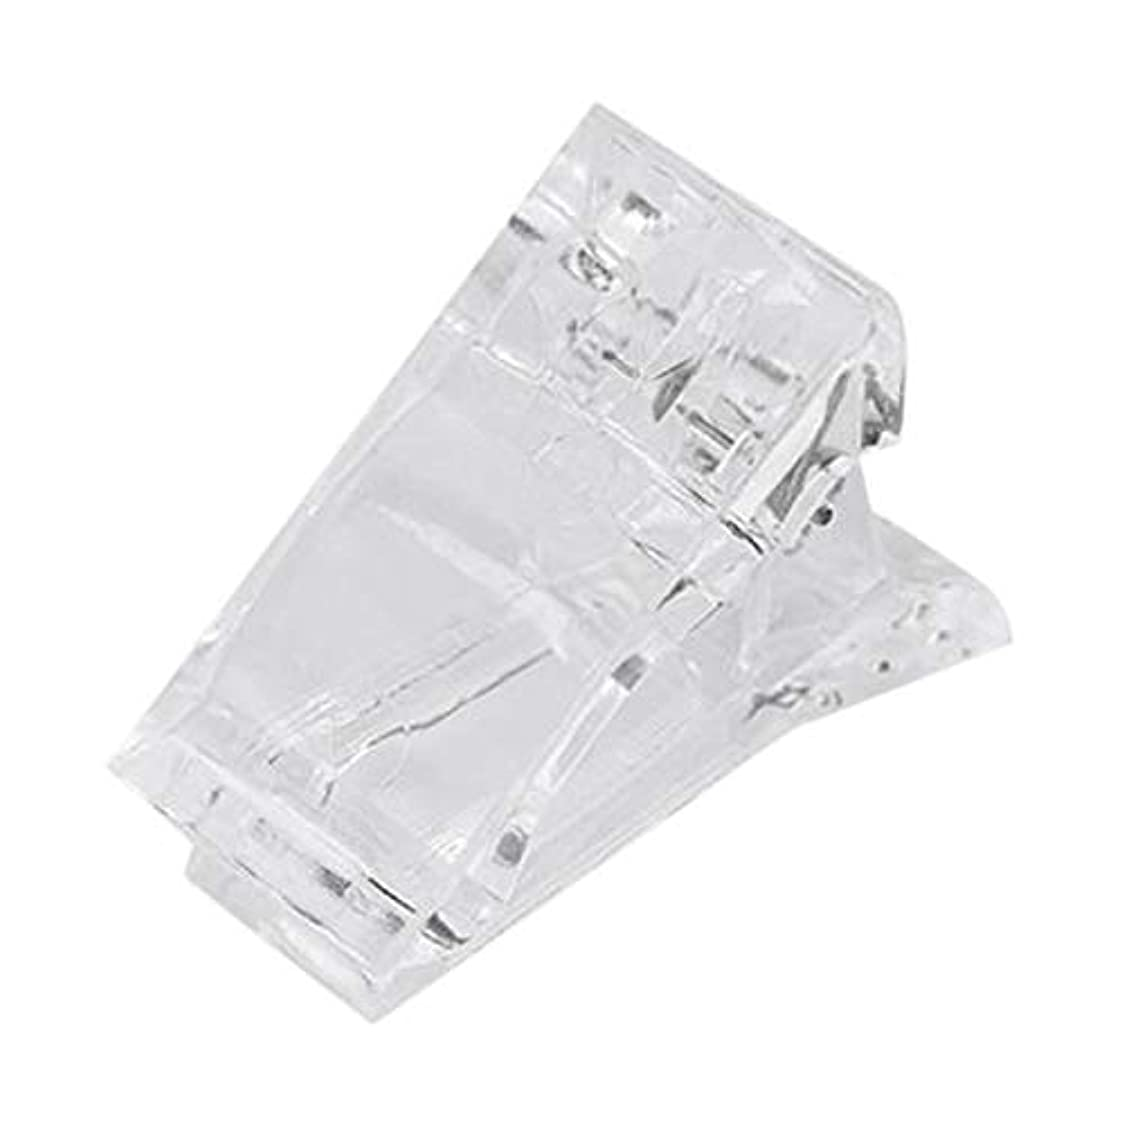 巻き取りチーズ同時Vaorwne ネイルのクリップ 透明指ポリクイック ビルディングジェルエクステンション ネイルアート マニキュアツール アクセサリー 偽ネイル